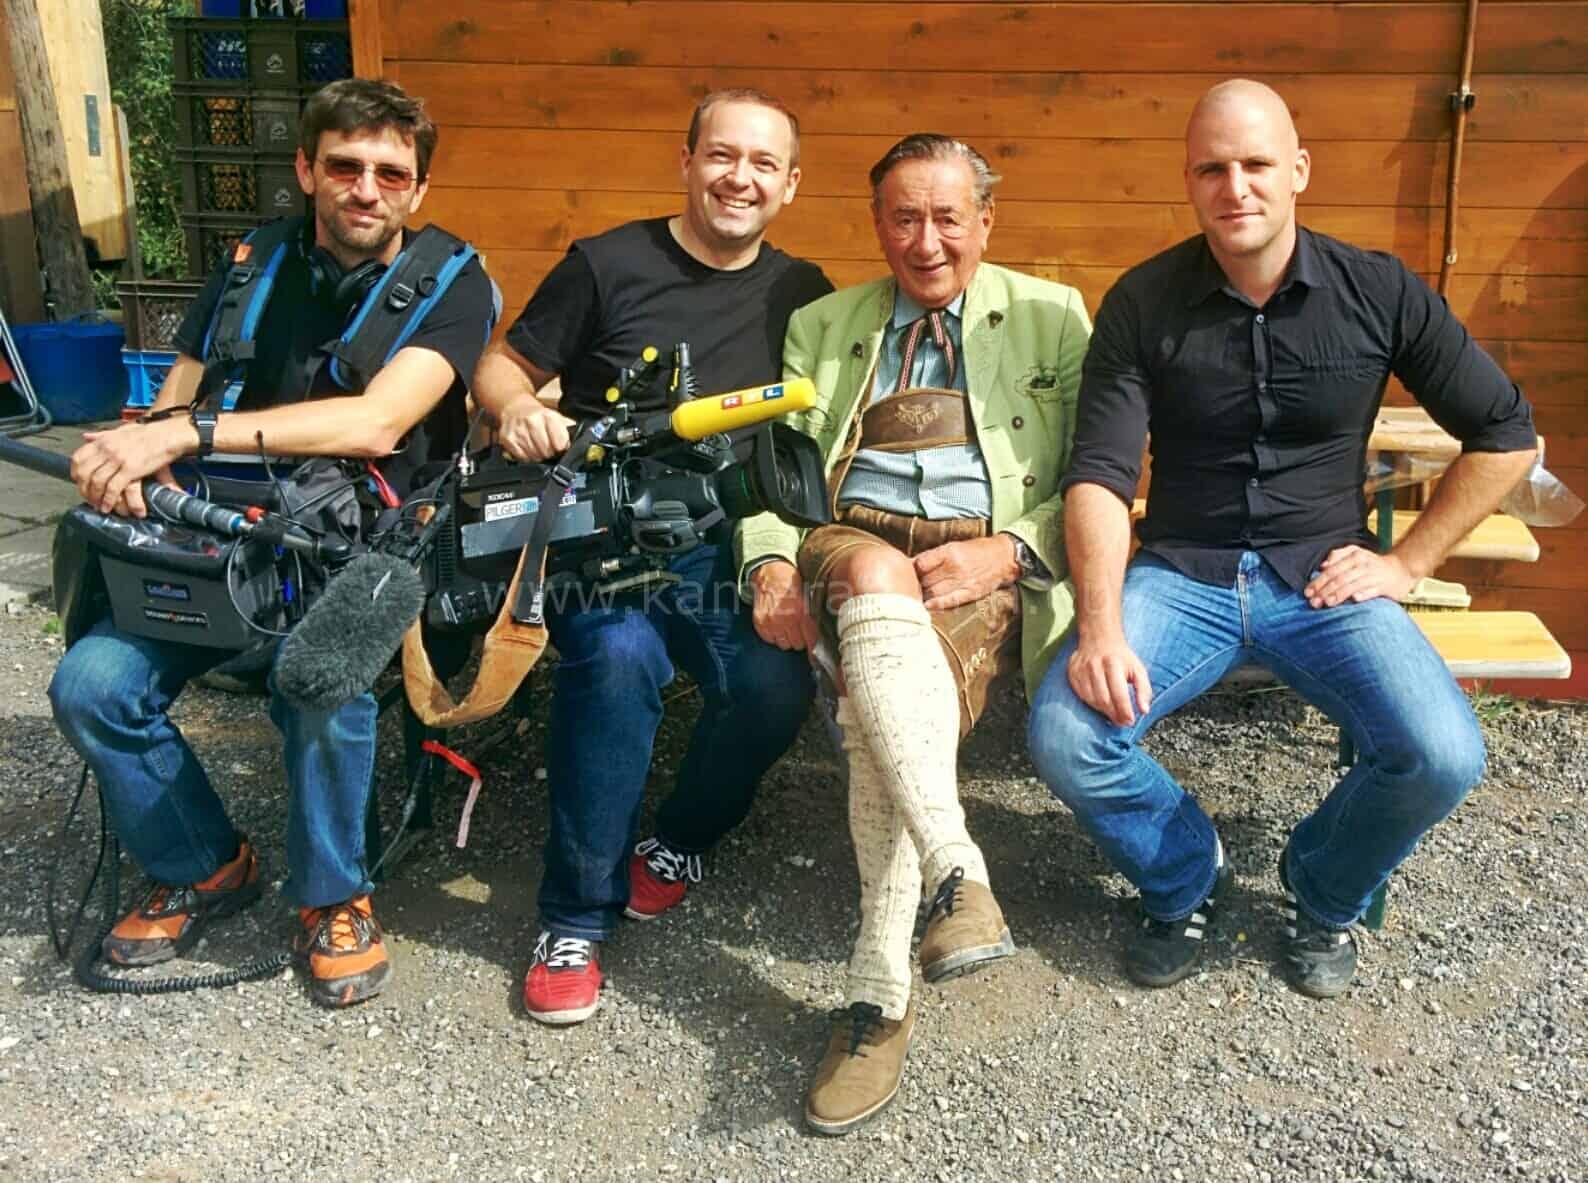 andreas felder mit richard lugner - RTL -  Dreharbeiten mit Cathy und Richard Lugner